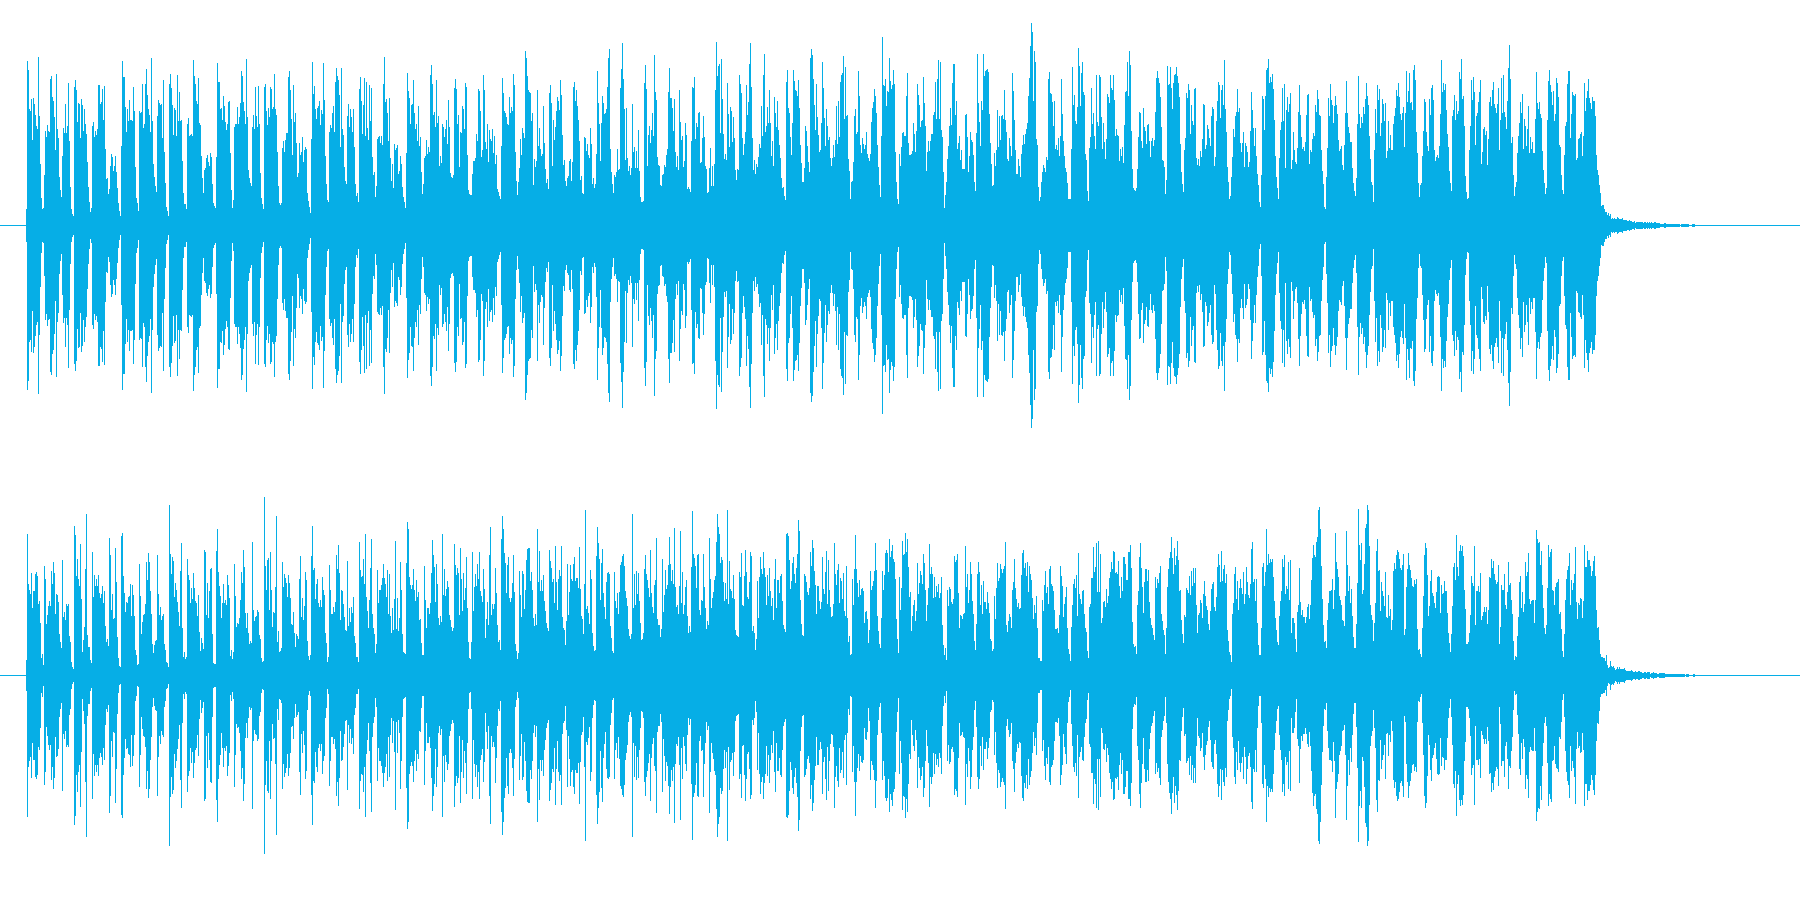 躍動感と不思議なテクノポップジングルの再生済みの波形